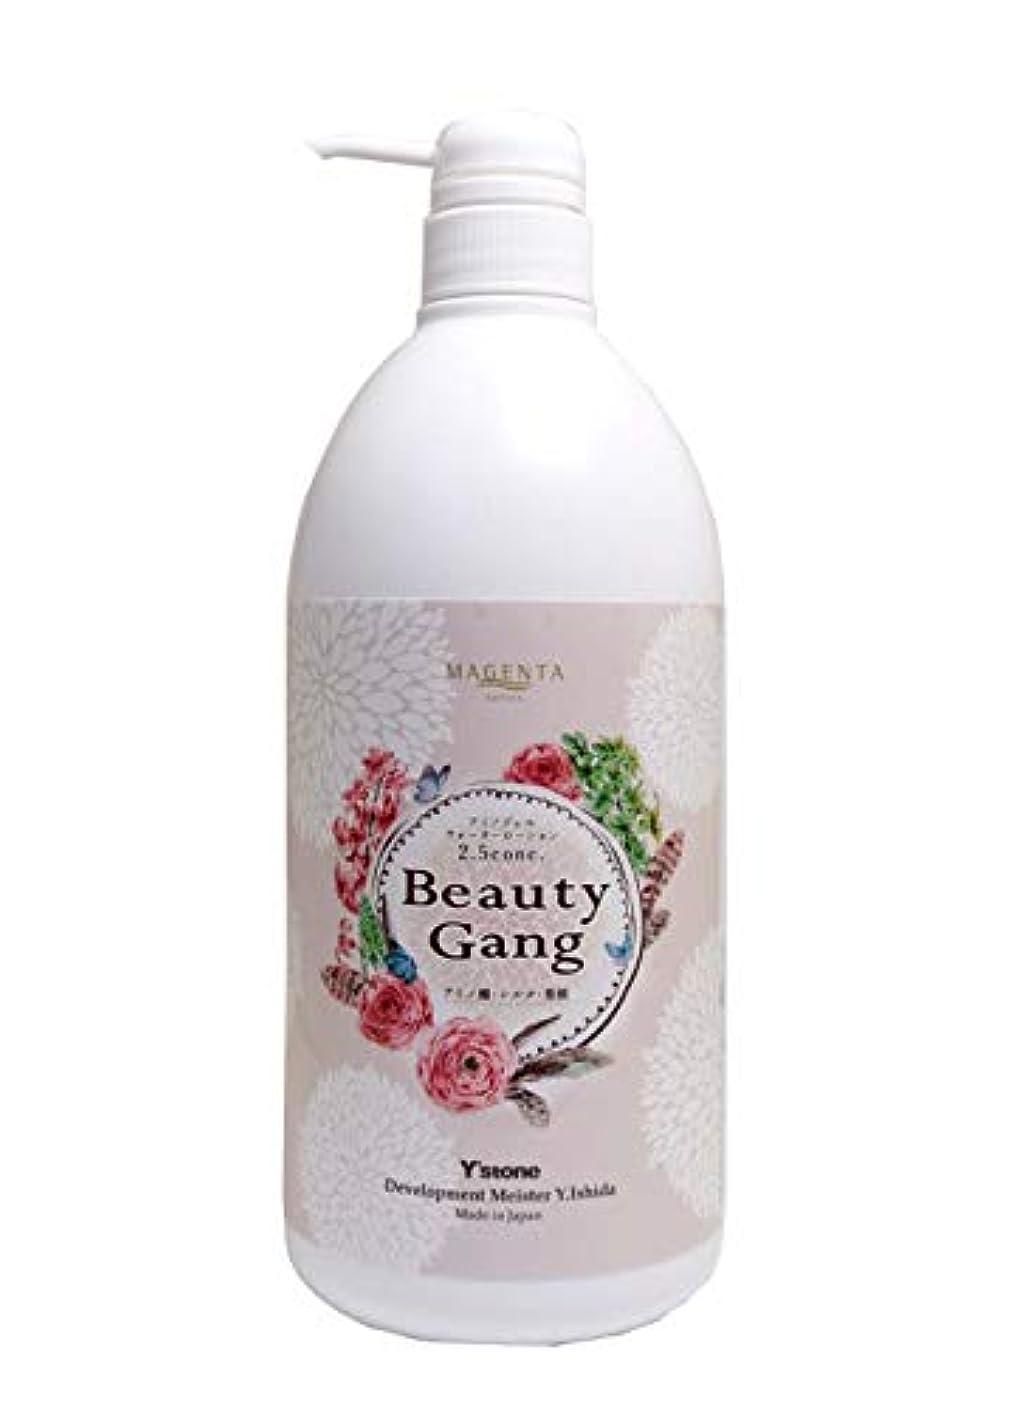 ジム明るいパラダイスMAGENTA アミノジェルウォーターローション 2.5conc. 濃縮タイプ Beauty Gang 1000ml マジェンタ ビューティーギャング